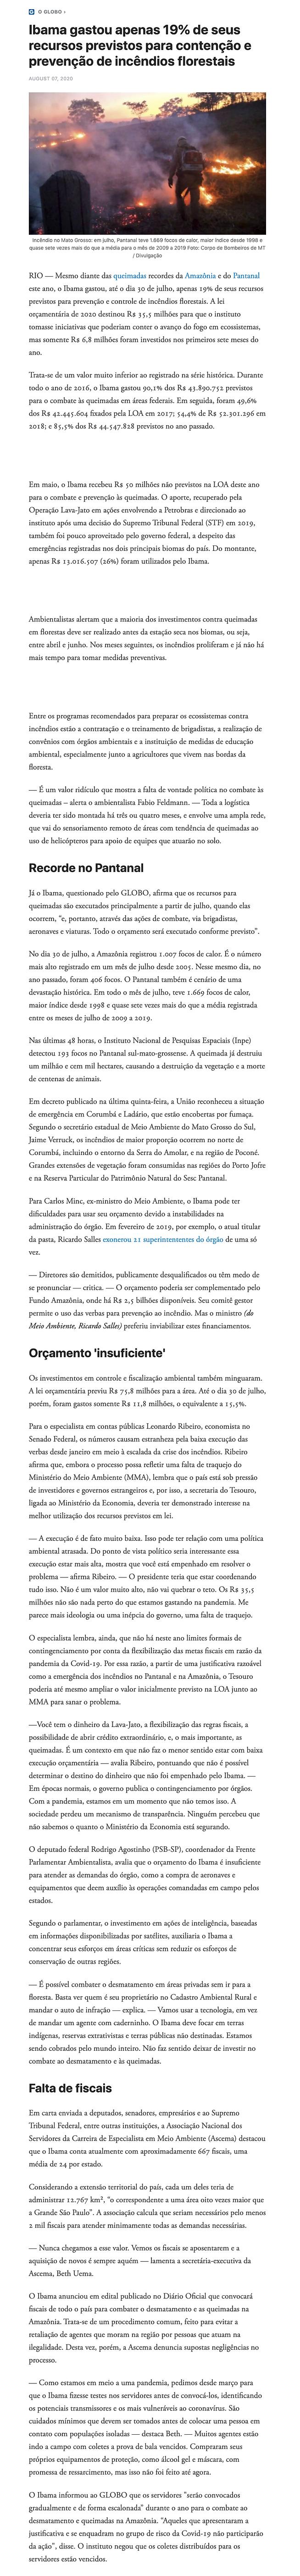 screenshot-outline.com-2020.08.png